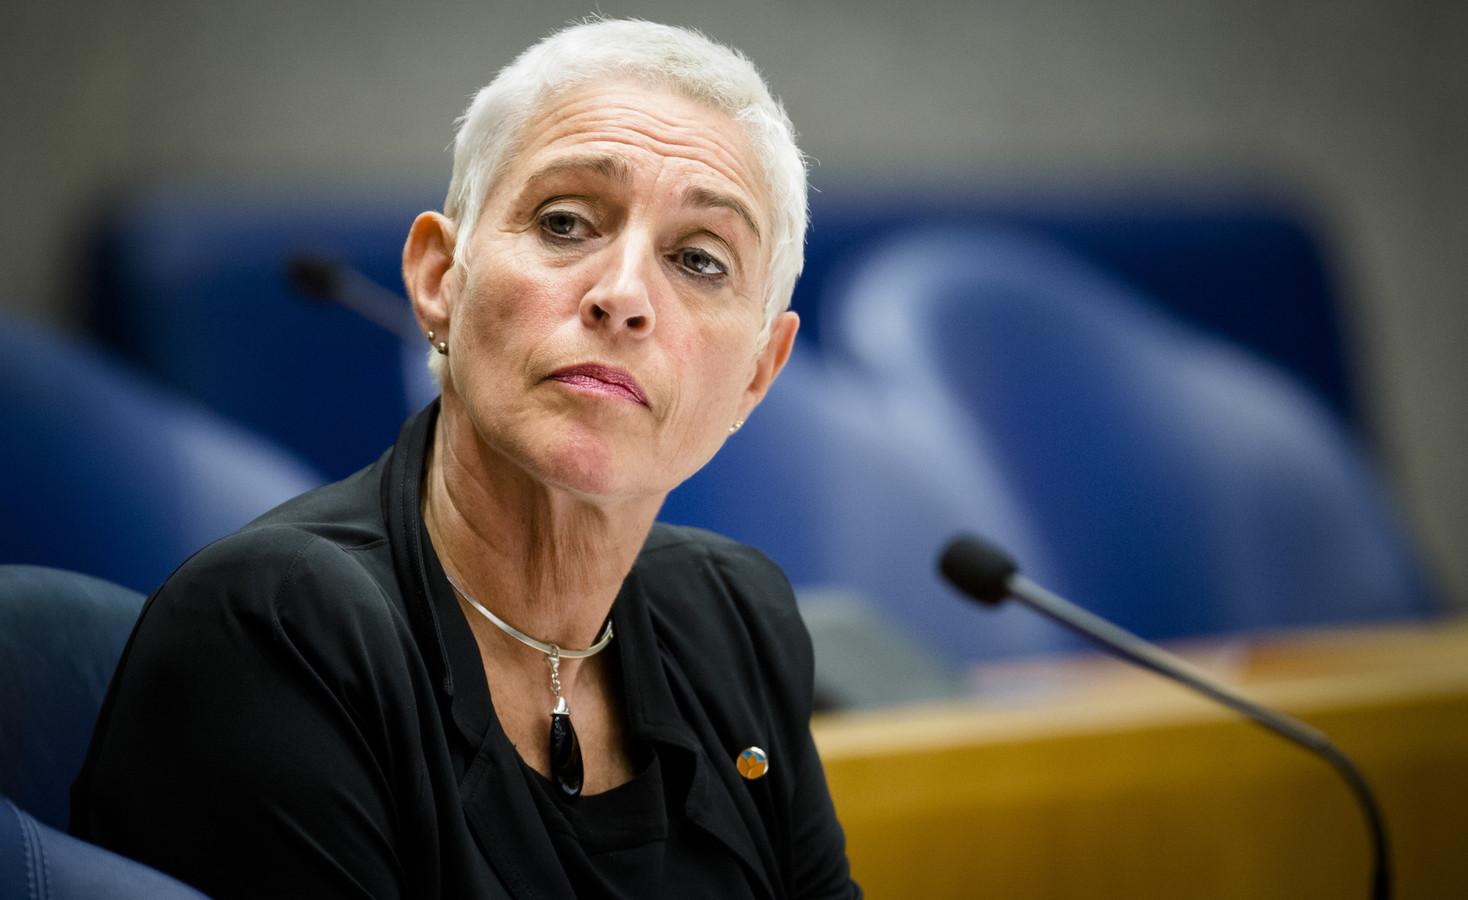 Staatssecretaris Wilma Mansveld van Infrastructuur en Milieu.